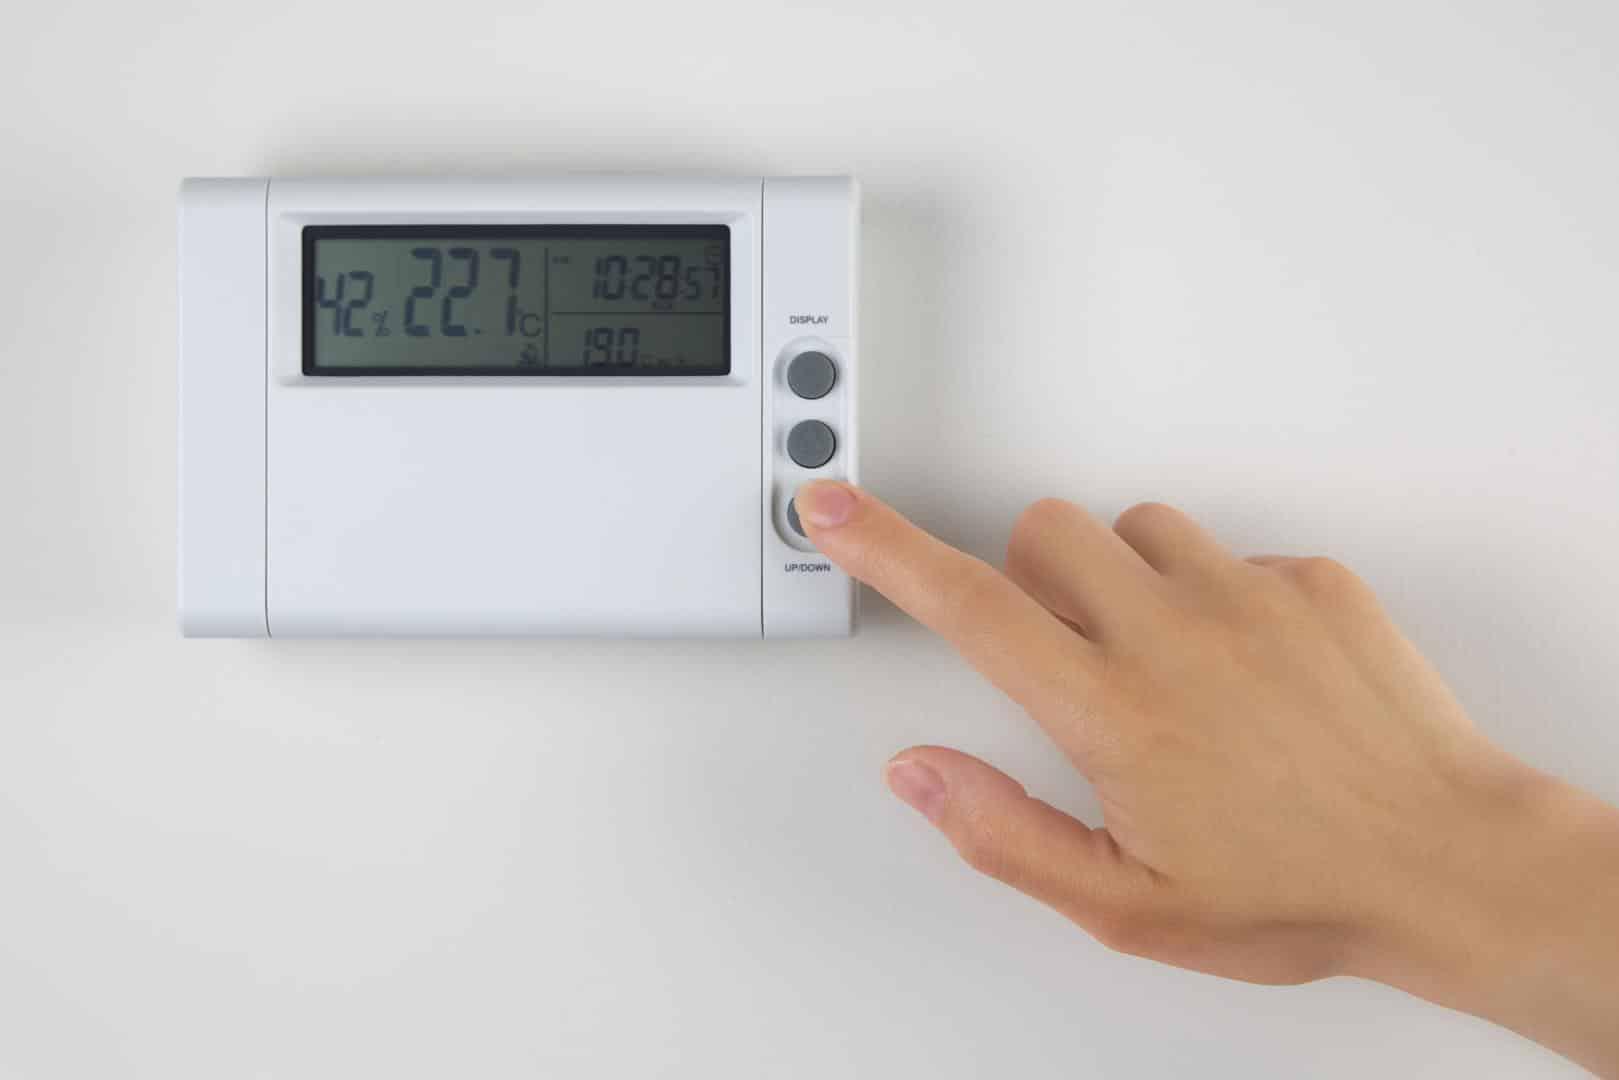 Comment Choisir Le Mode De Chauffage Idéal Pour Votre Maison - Quel chauffage choisir pour sa maison